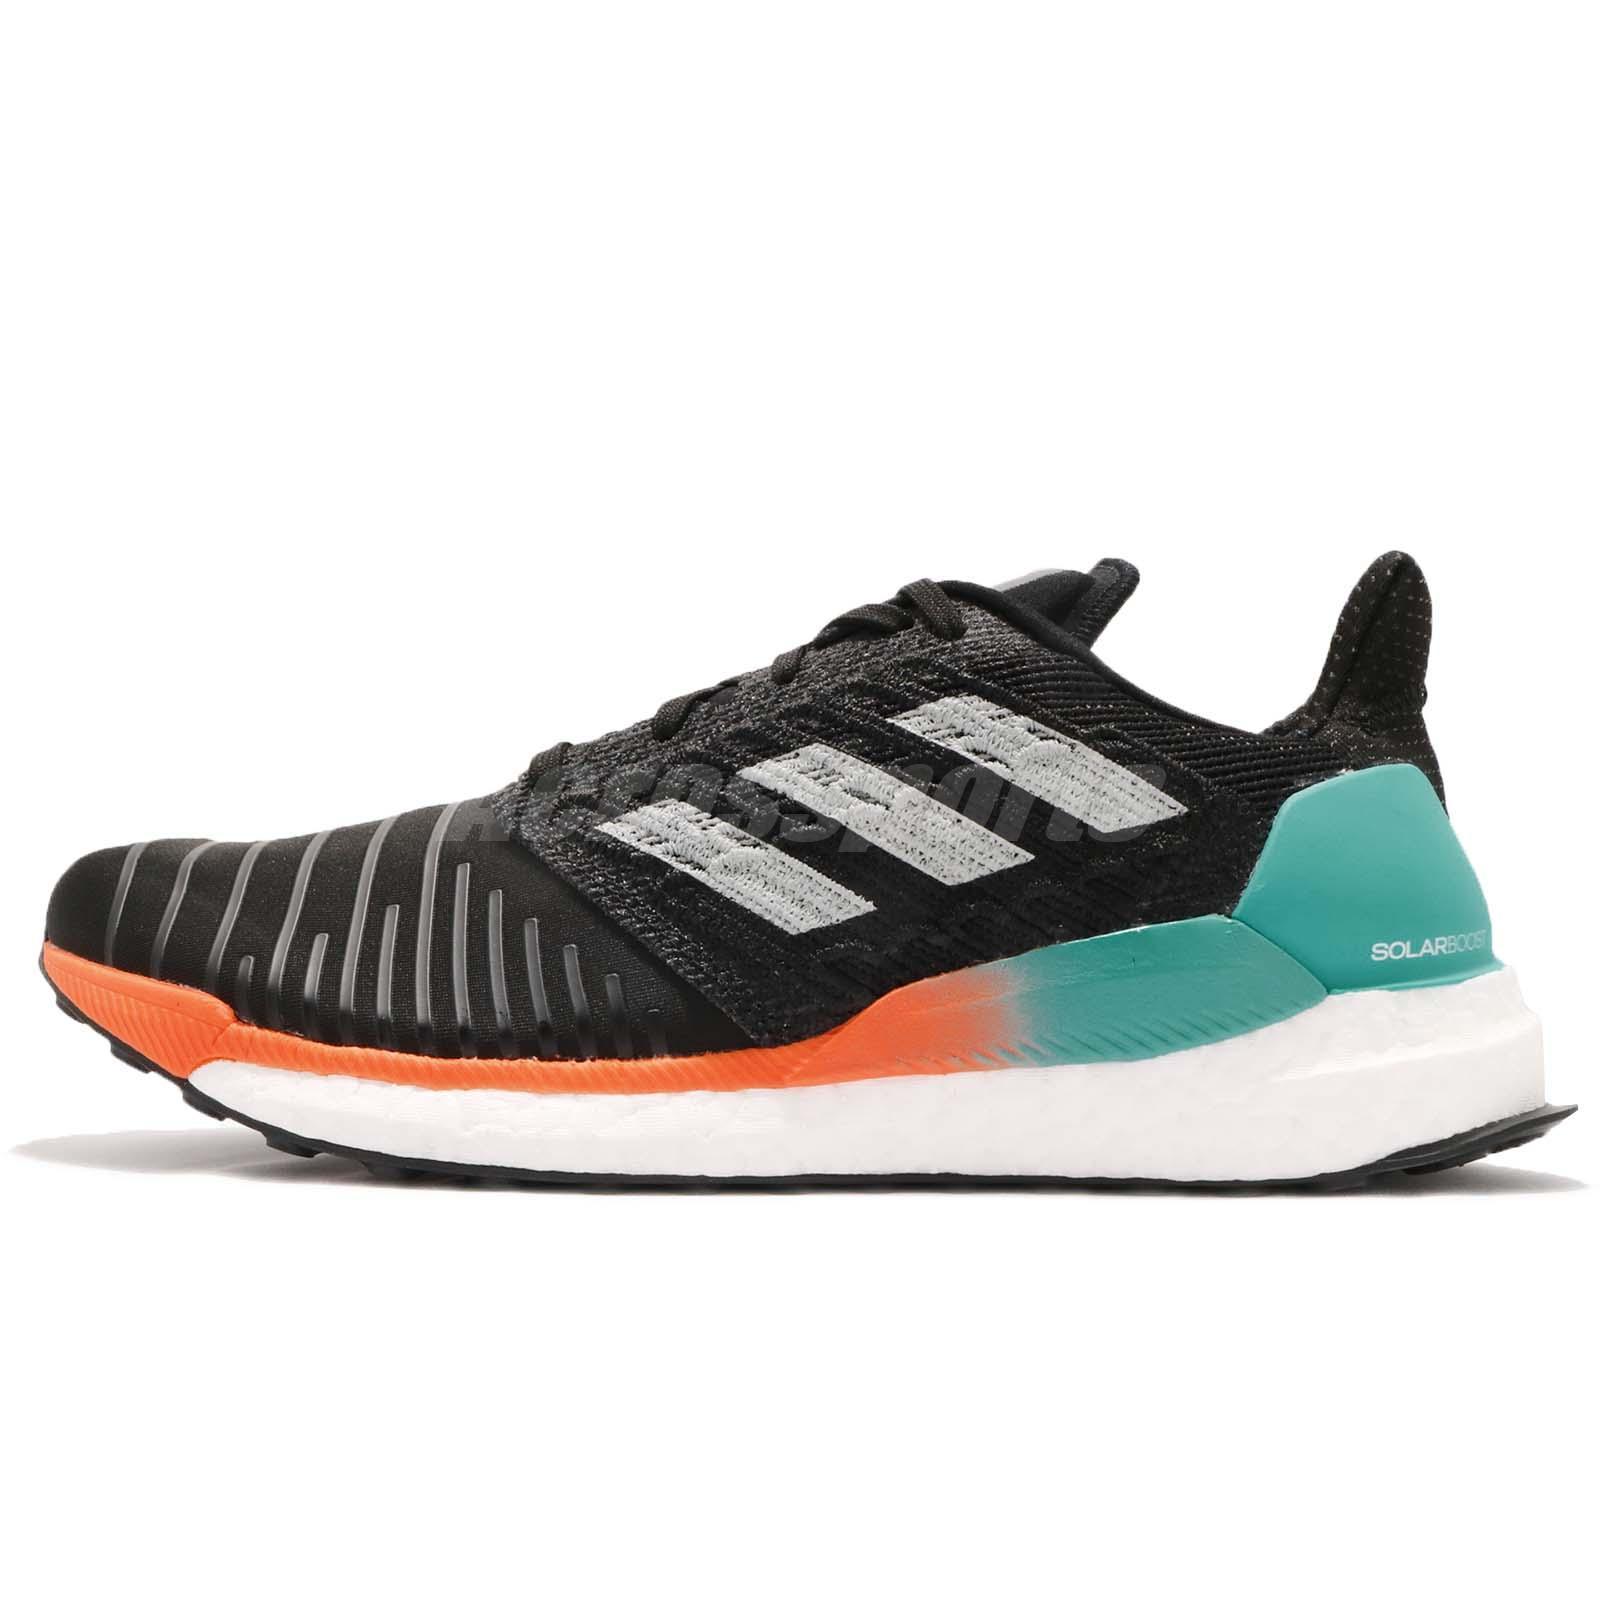 6c7622ea281f0 adidas Solar BOOST M Hi-Res Aqua Black Grey Men Running Shoes Sneakers  CQ3168